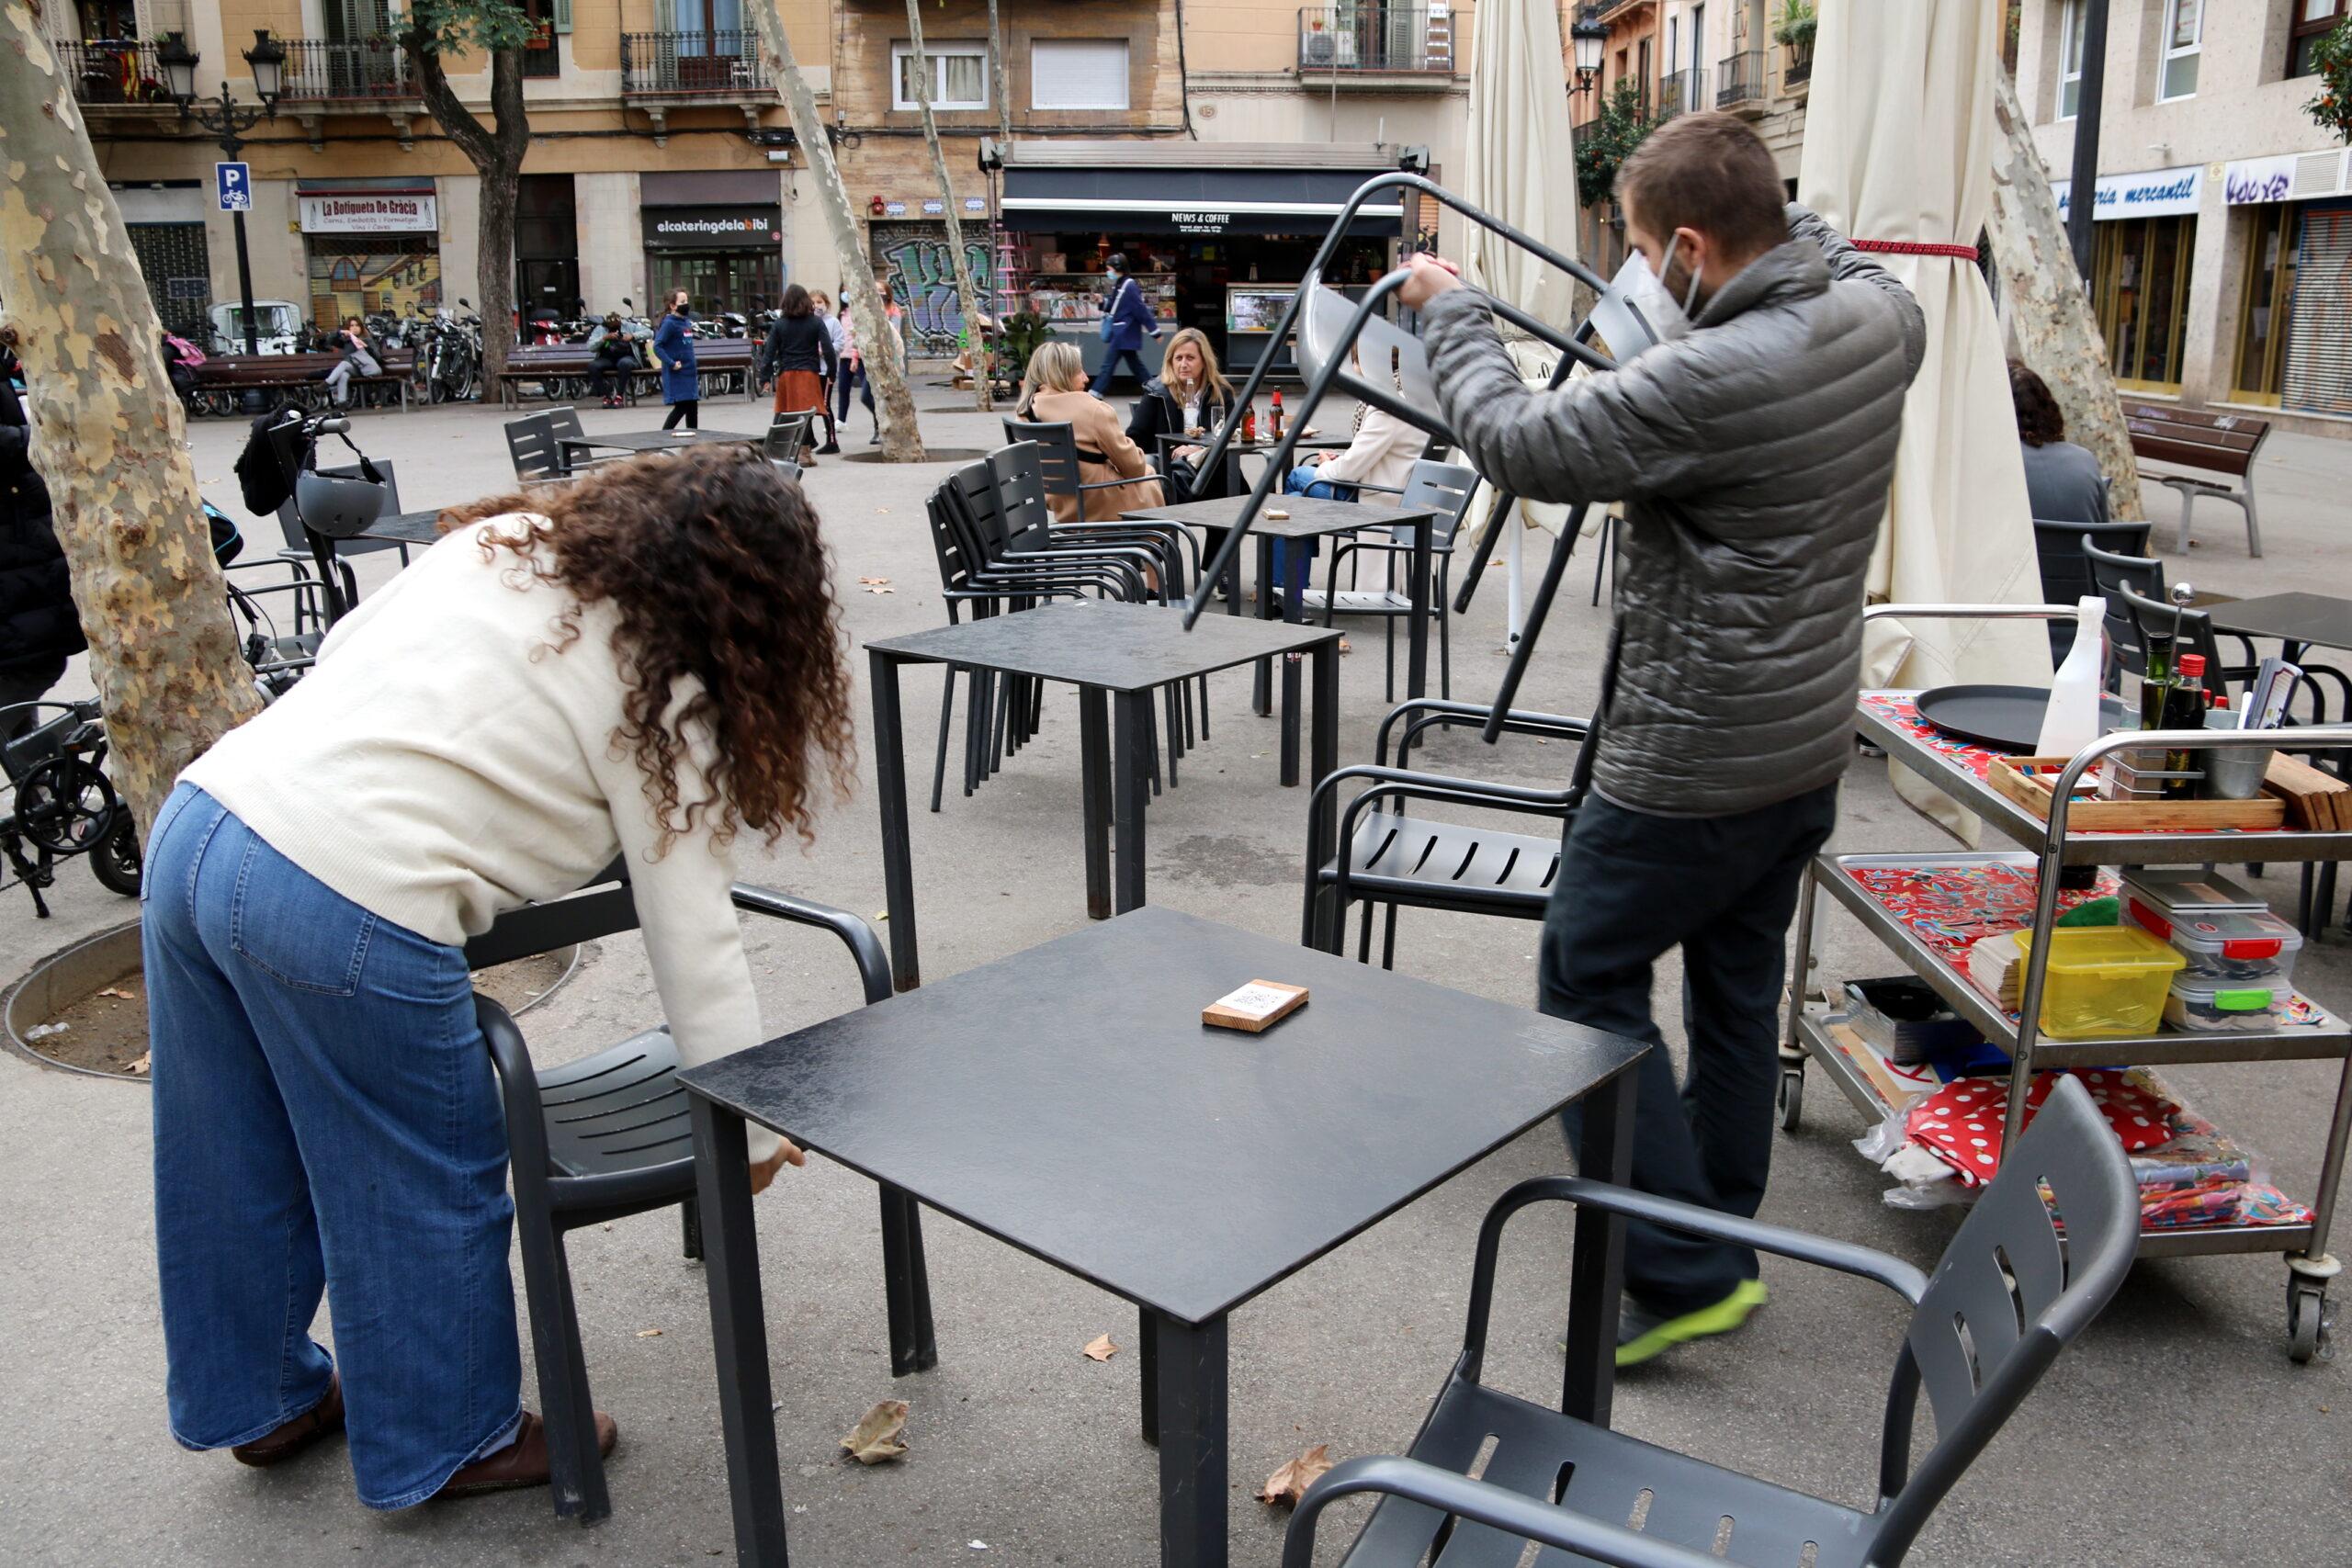 Treballadors del restaurant Amélie de la plaça de la Vila recollint taules i cadires amb gent encara menjant | ACN